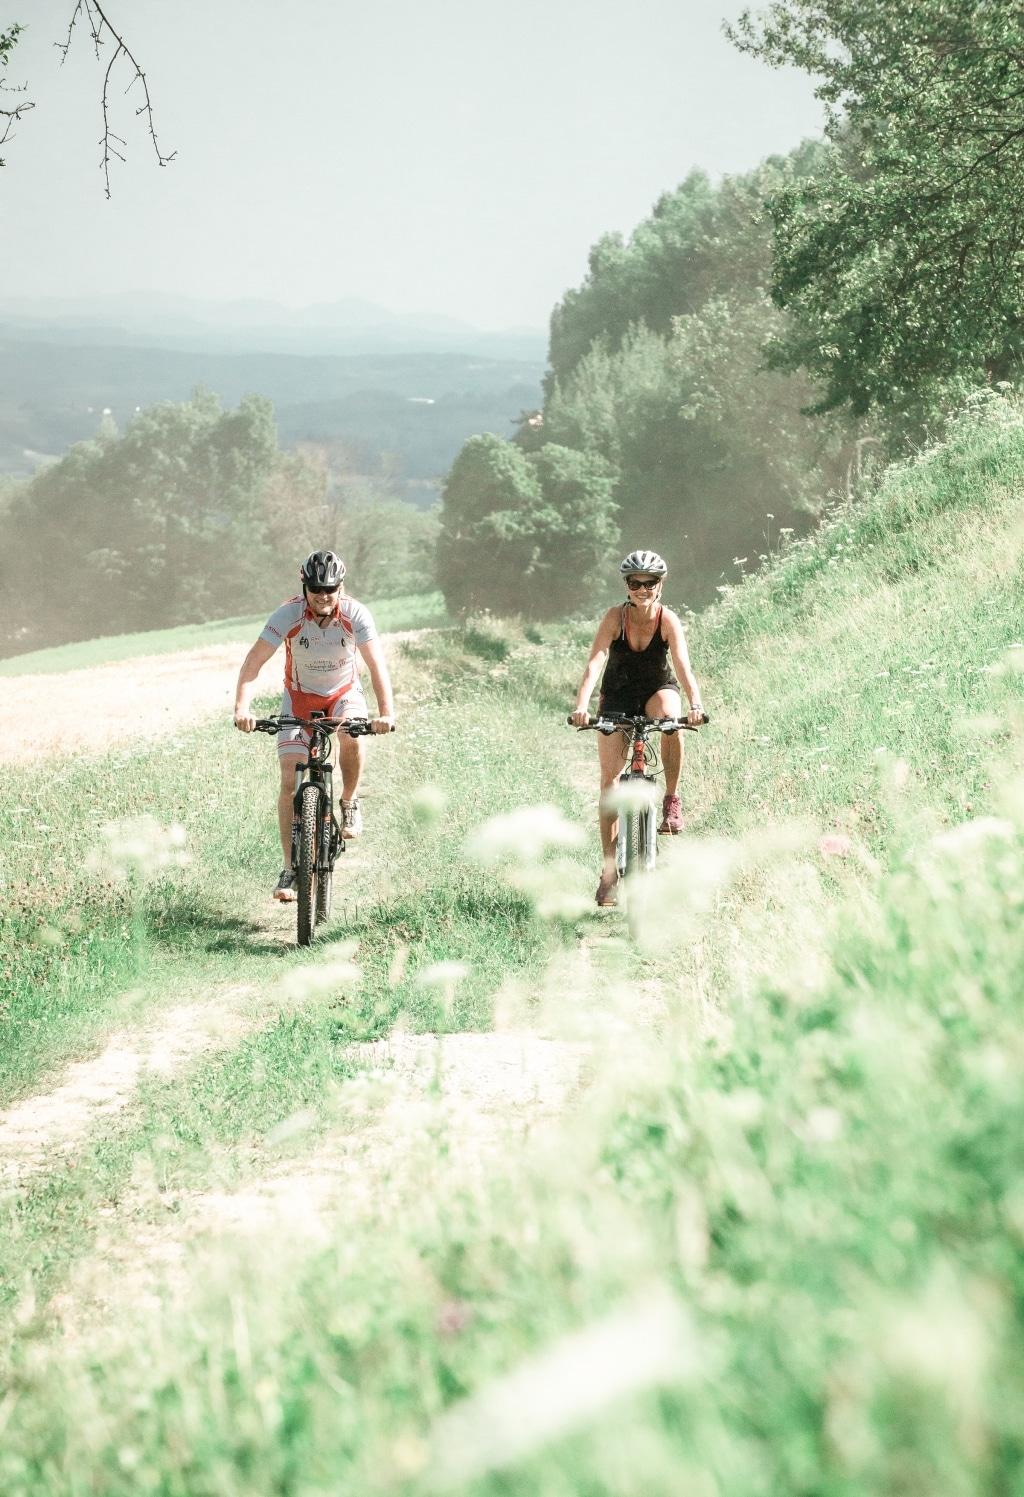 Radfahren in der Natur rund um den Pöllauberg